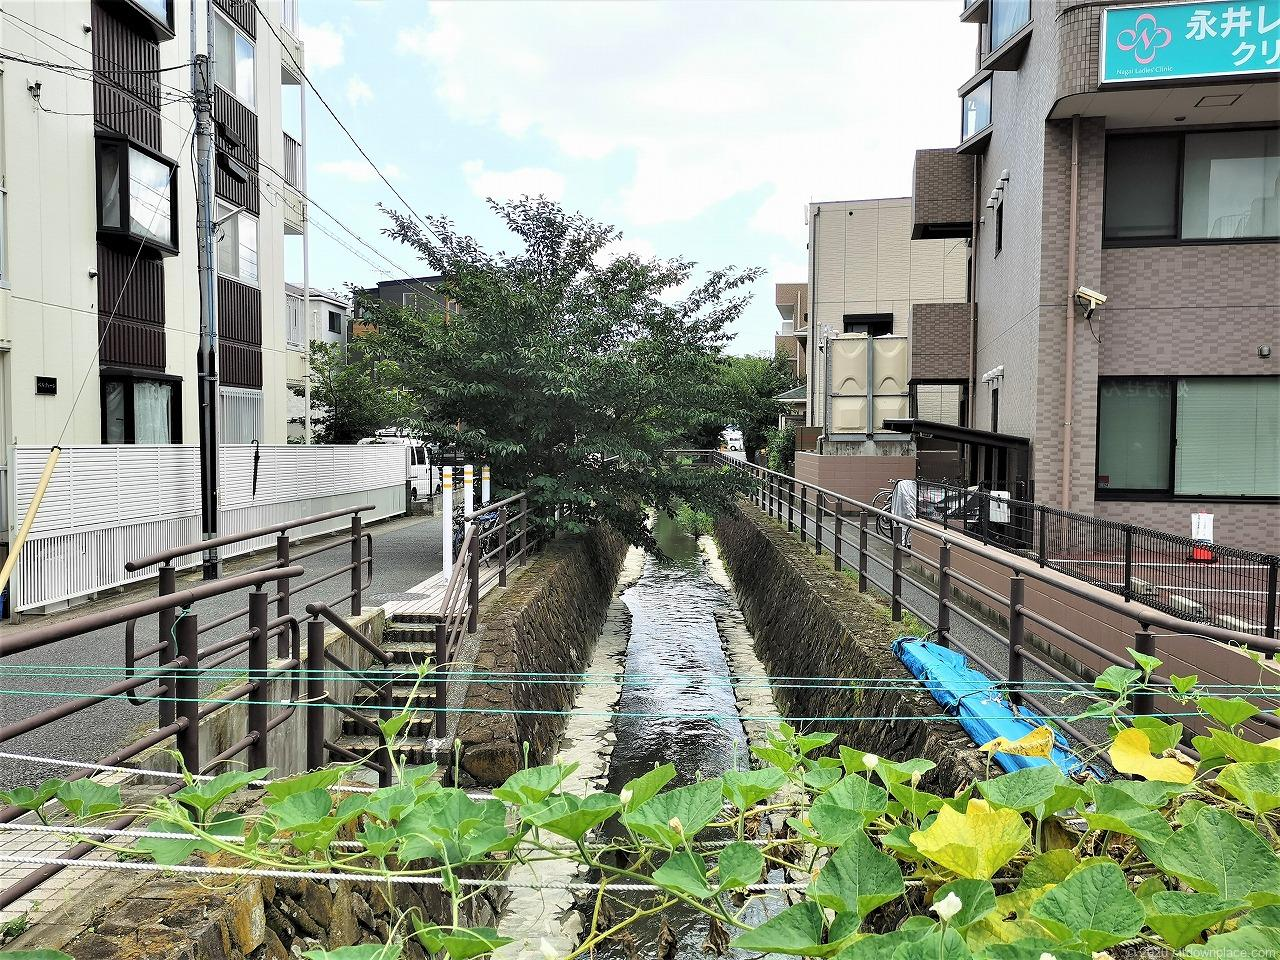 武蔵小杉駅 今市橋にかっぱ君前の外観1